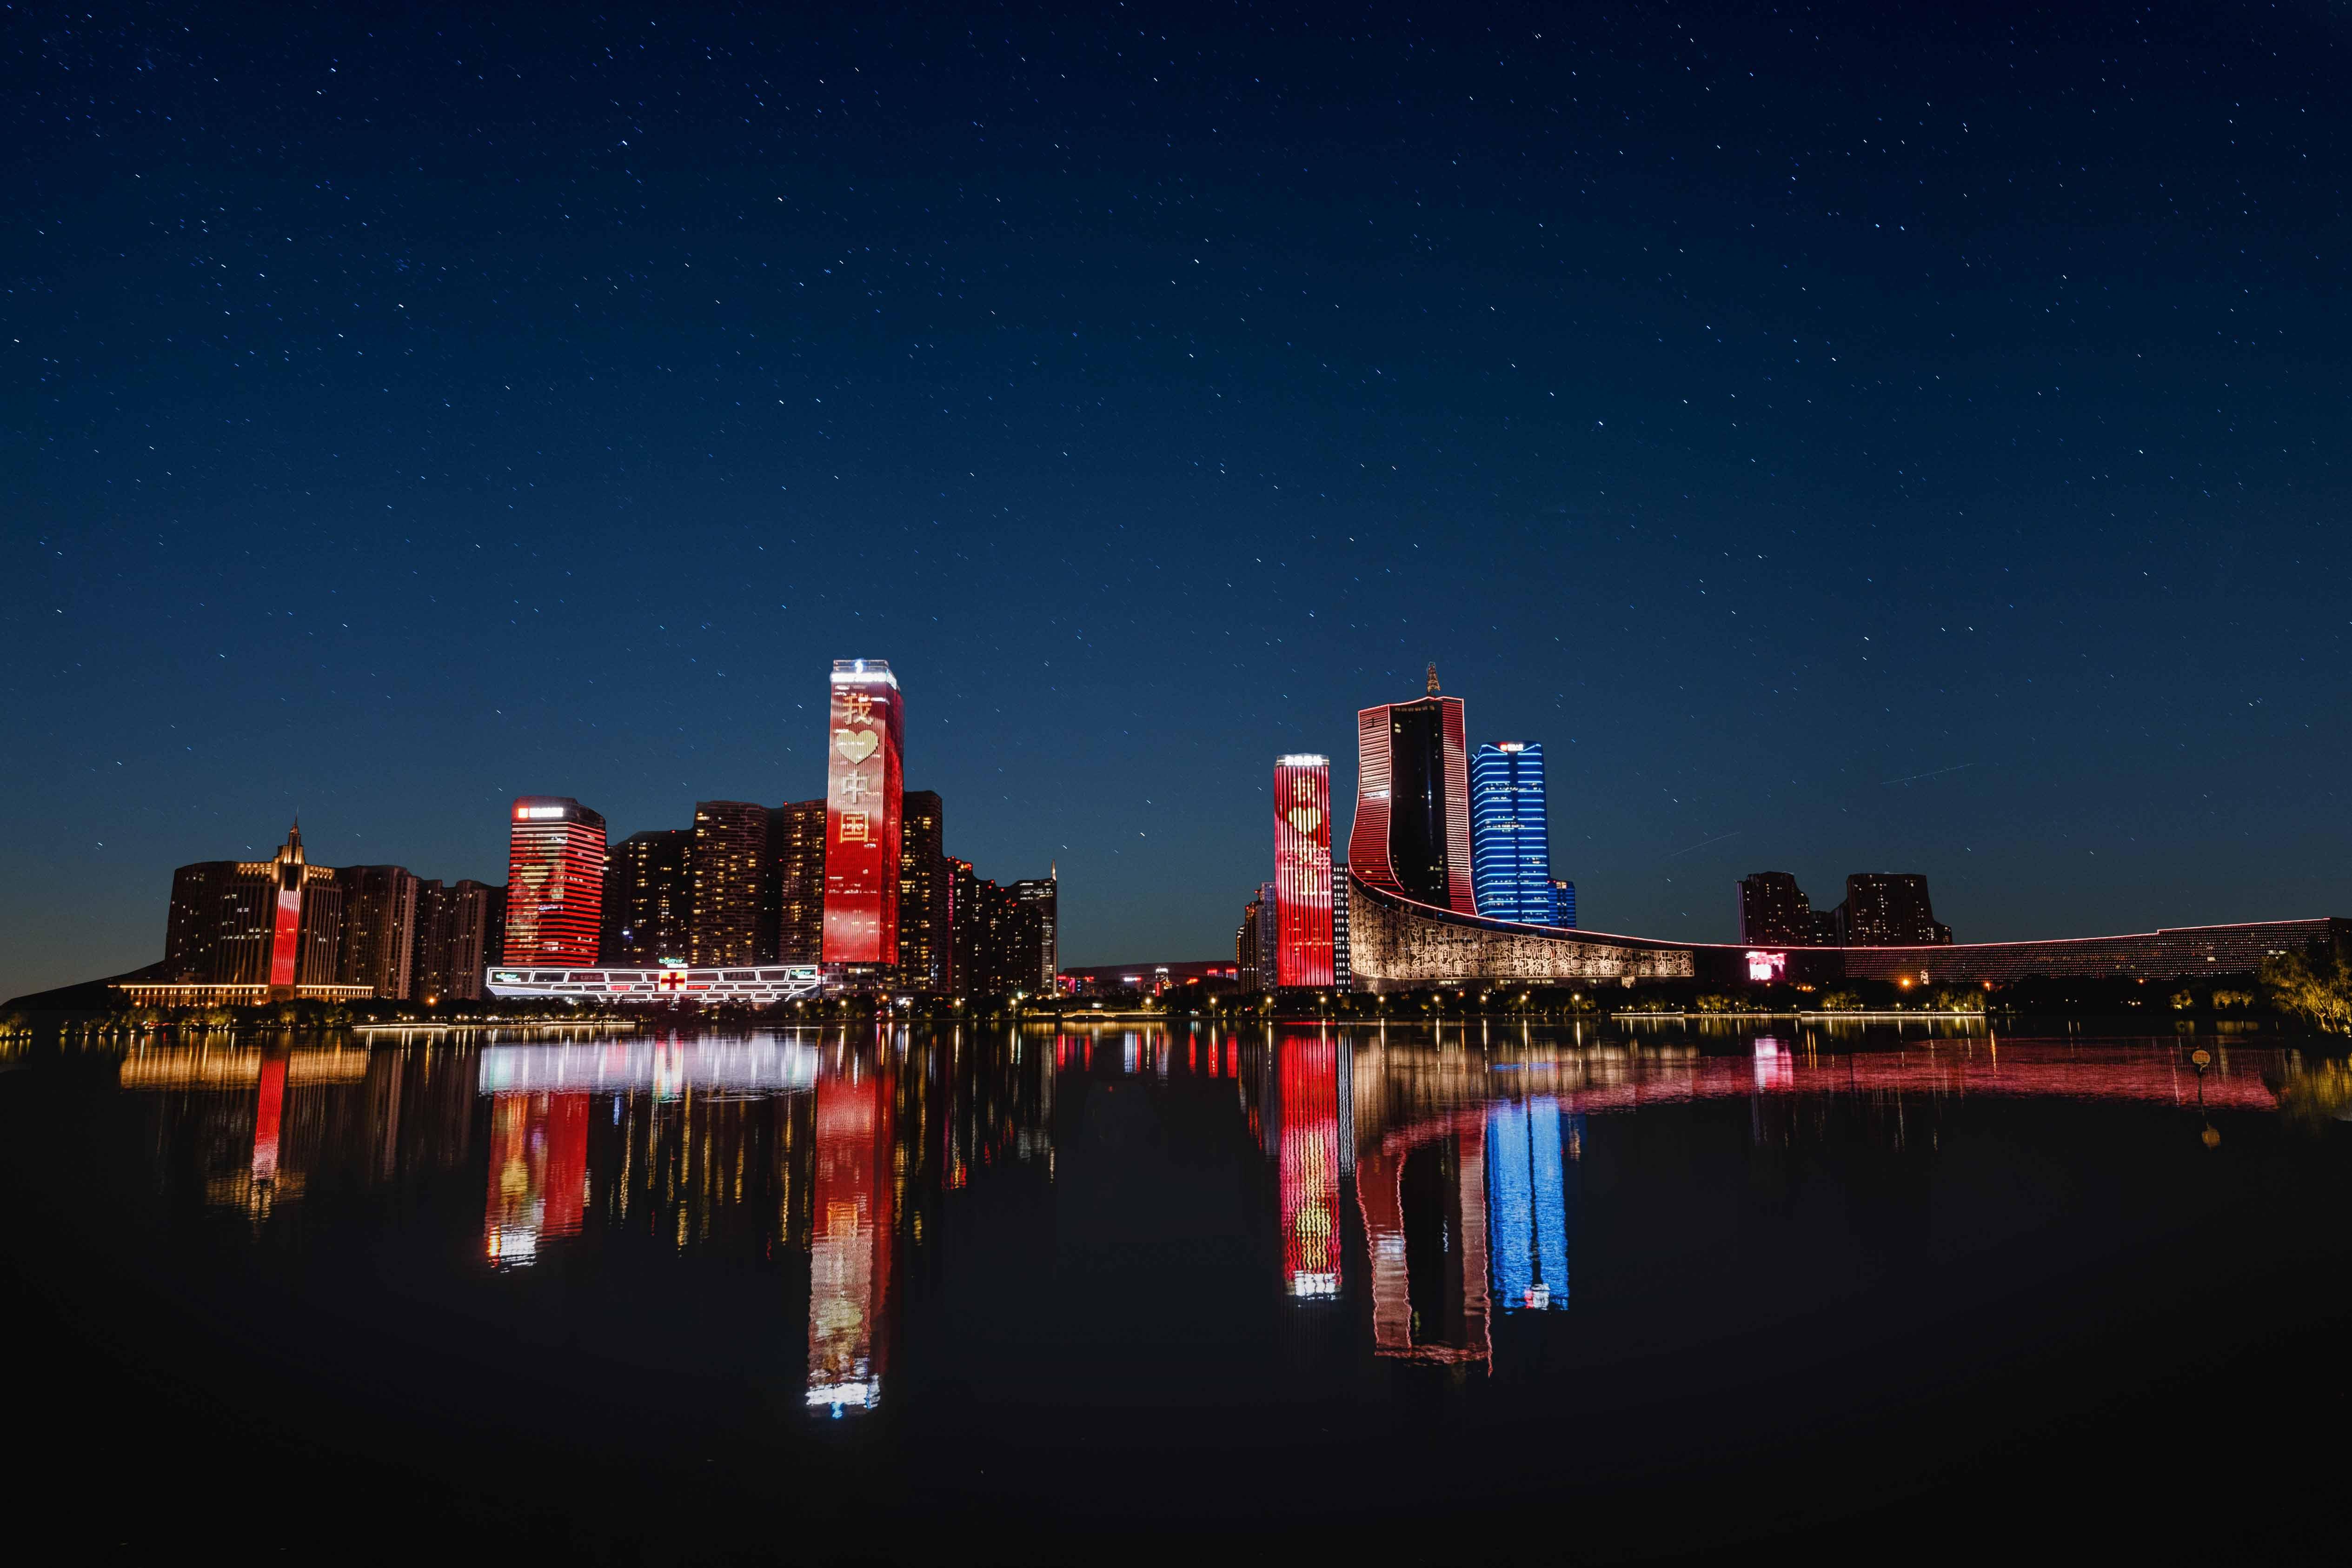 安徽合肥天鵝湖及其周邊建筑夜景亮化提升項目——2020神燈獎申報工程-阿拉丁照明網